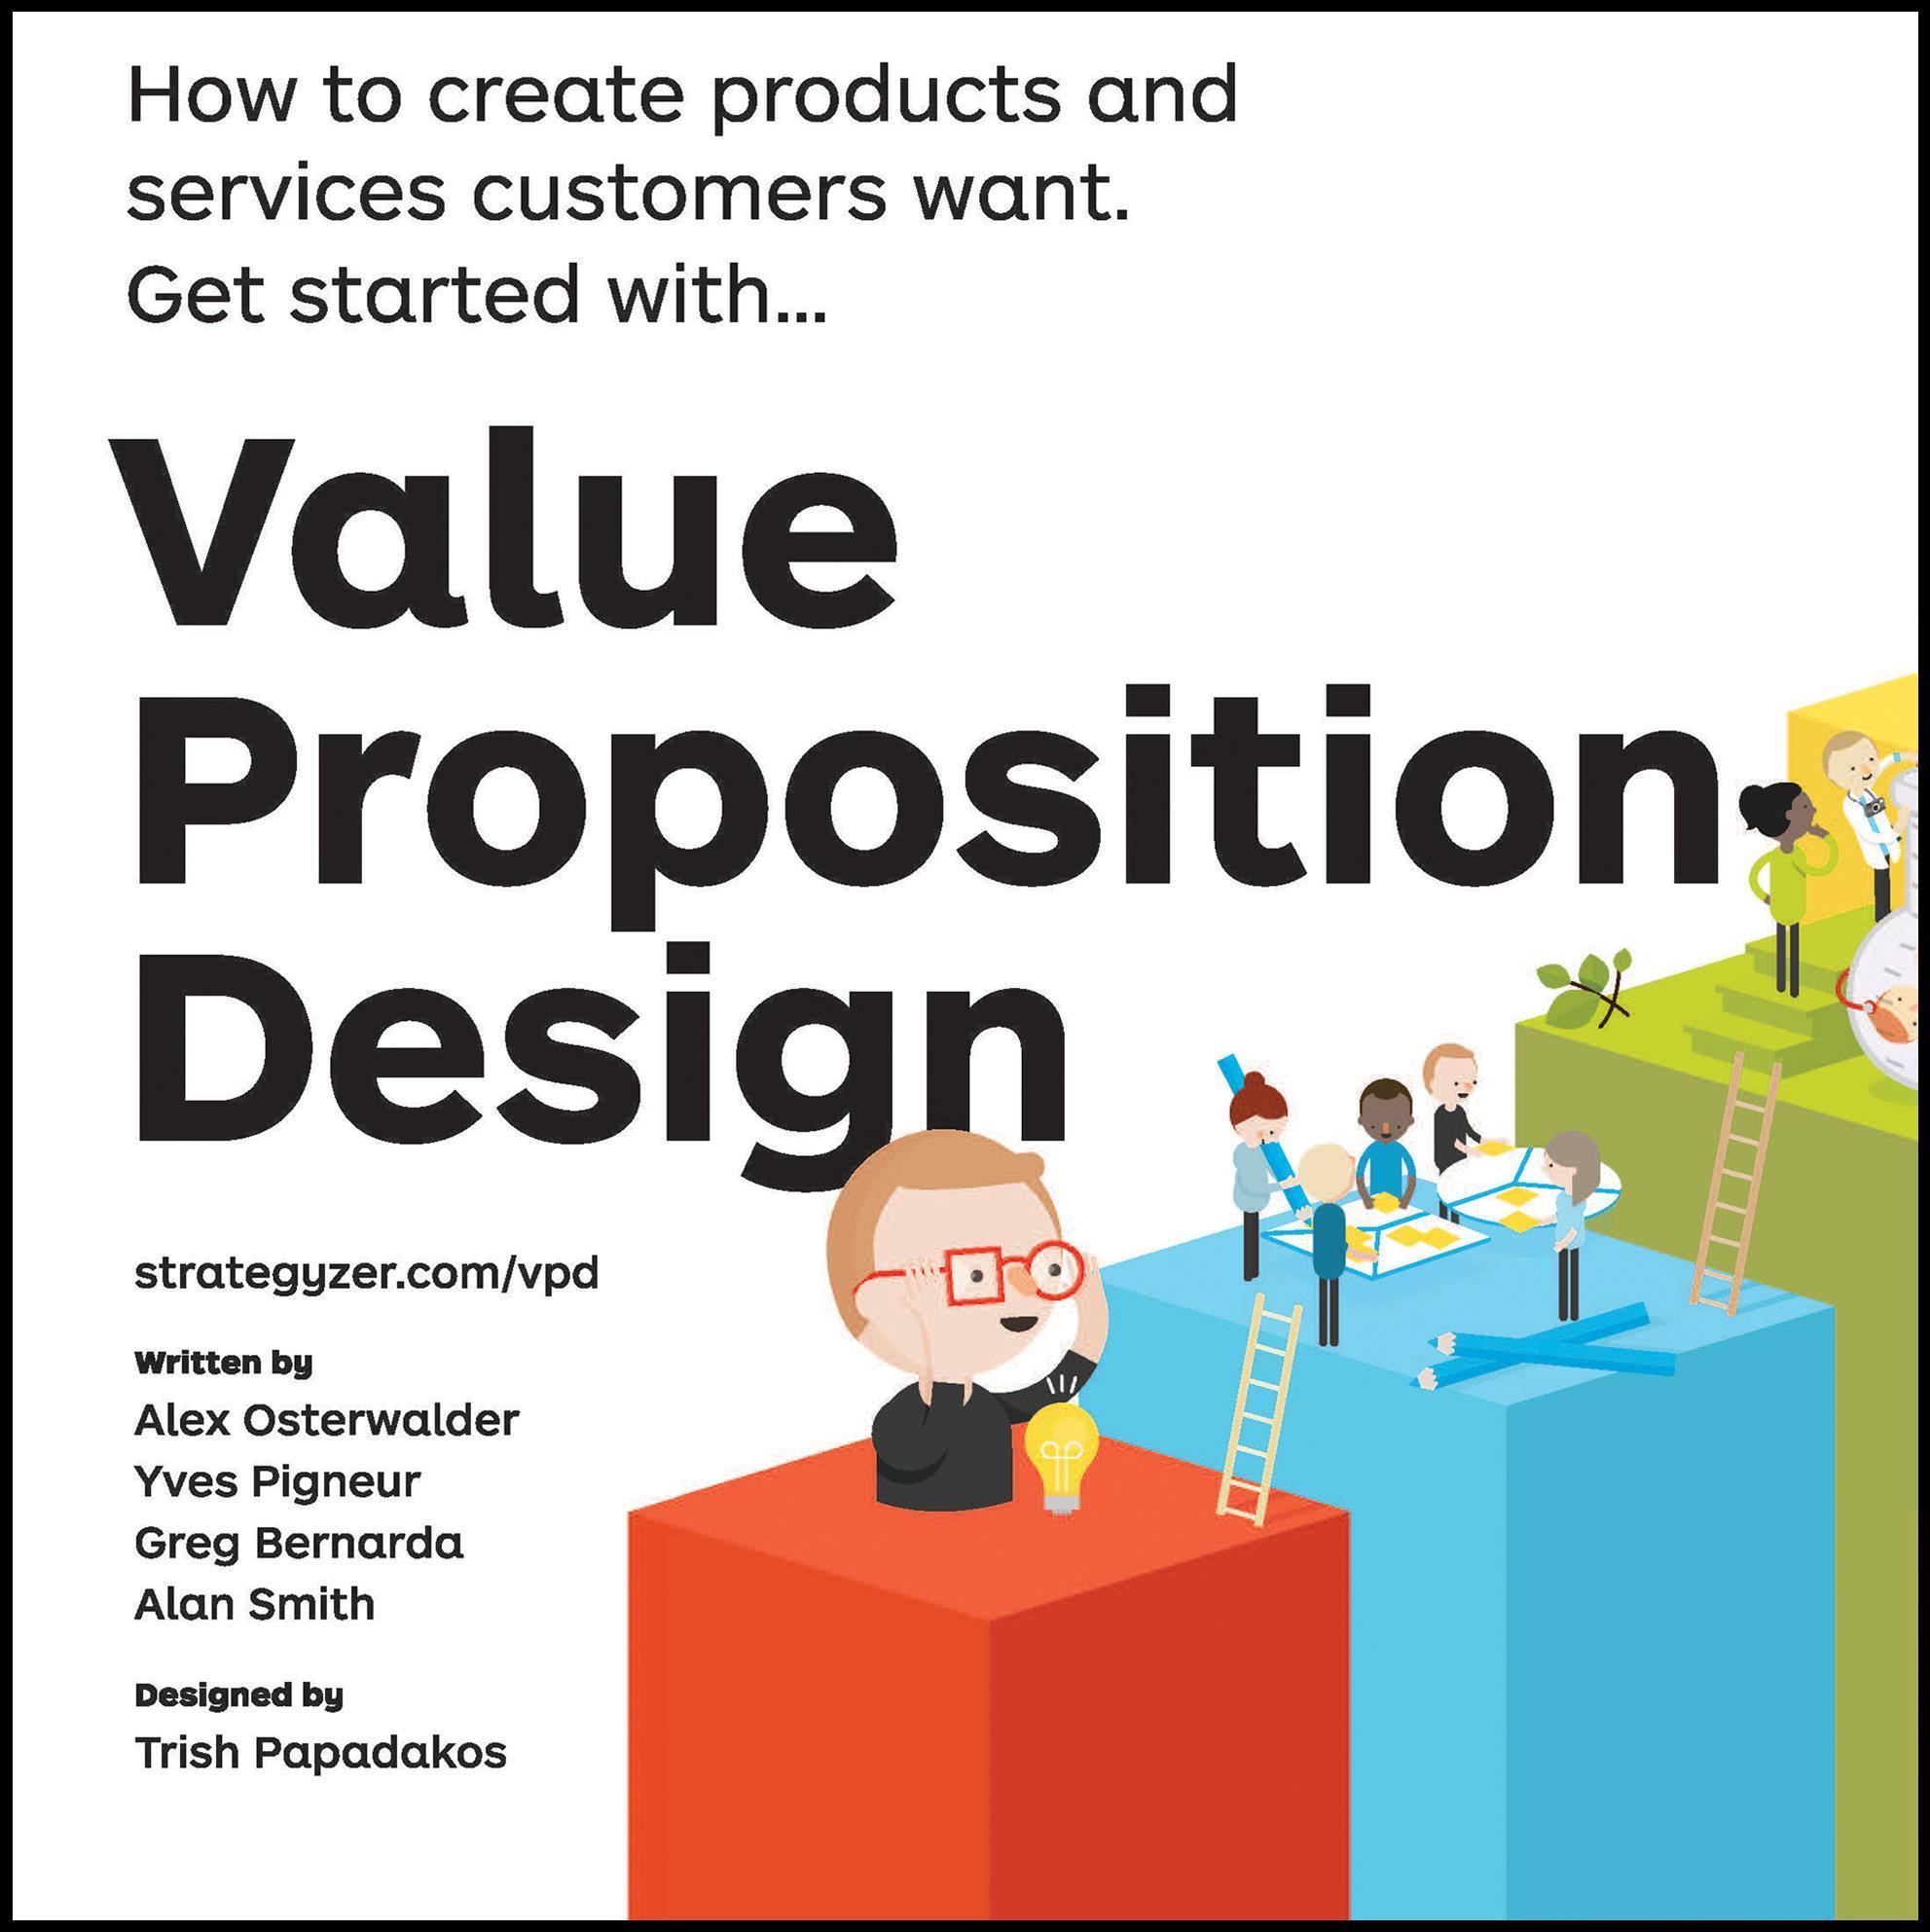 value-proposition-design.jpg